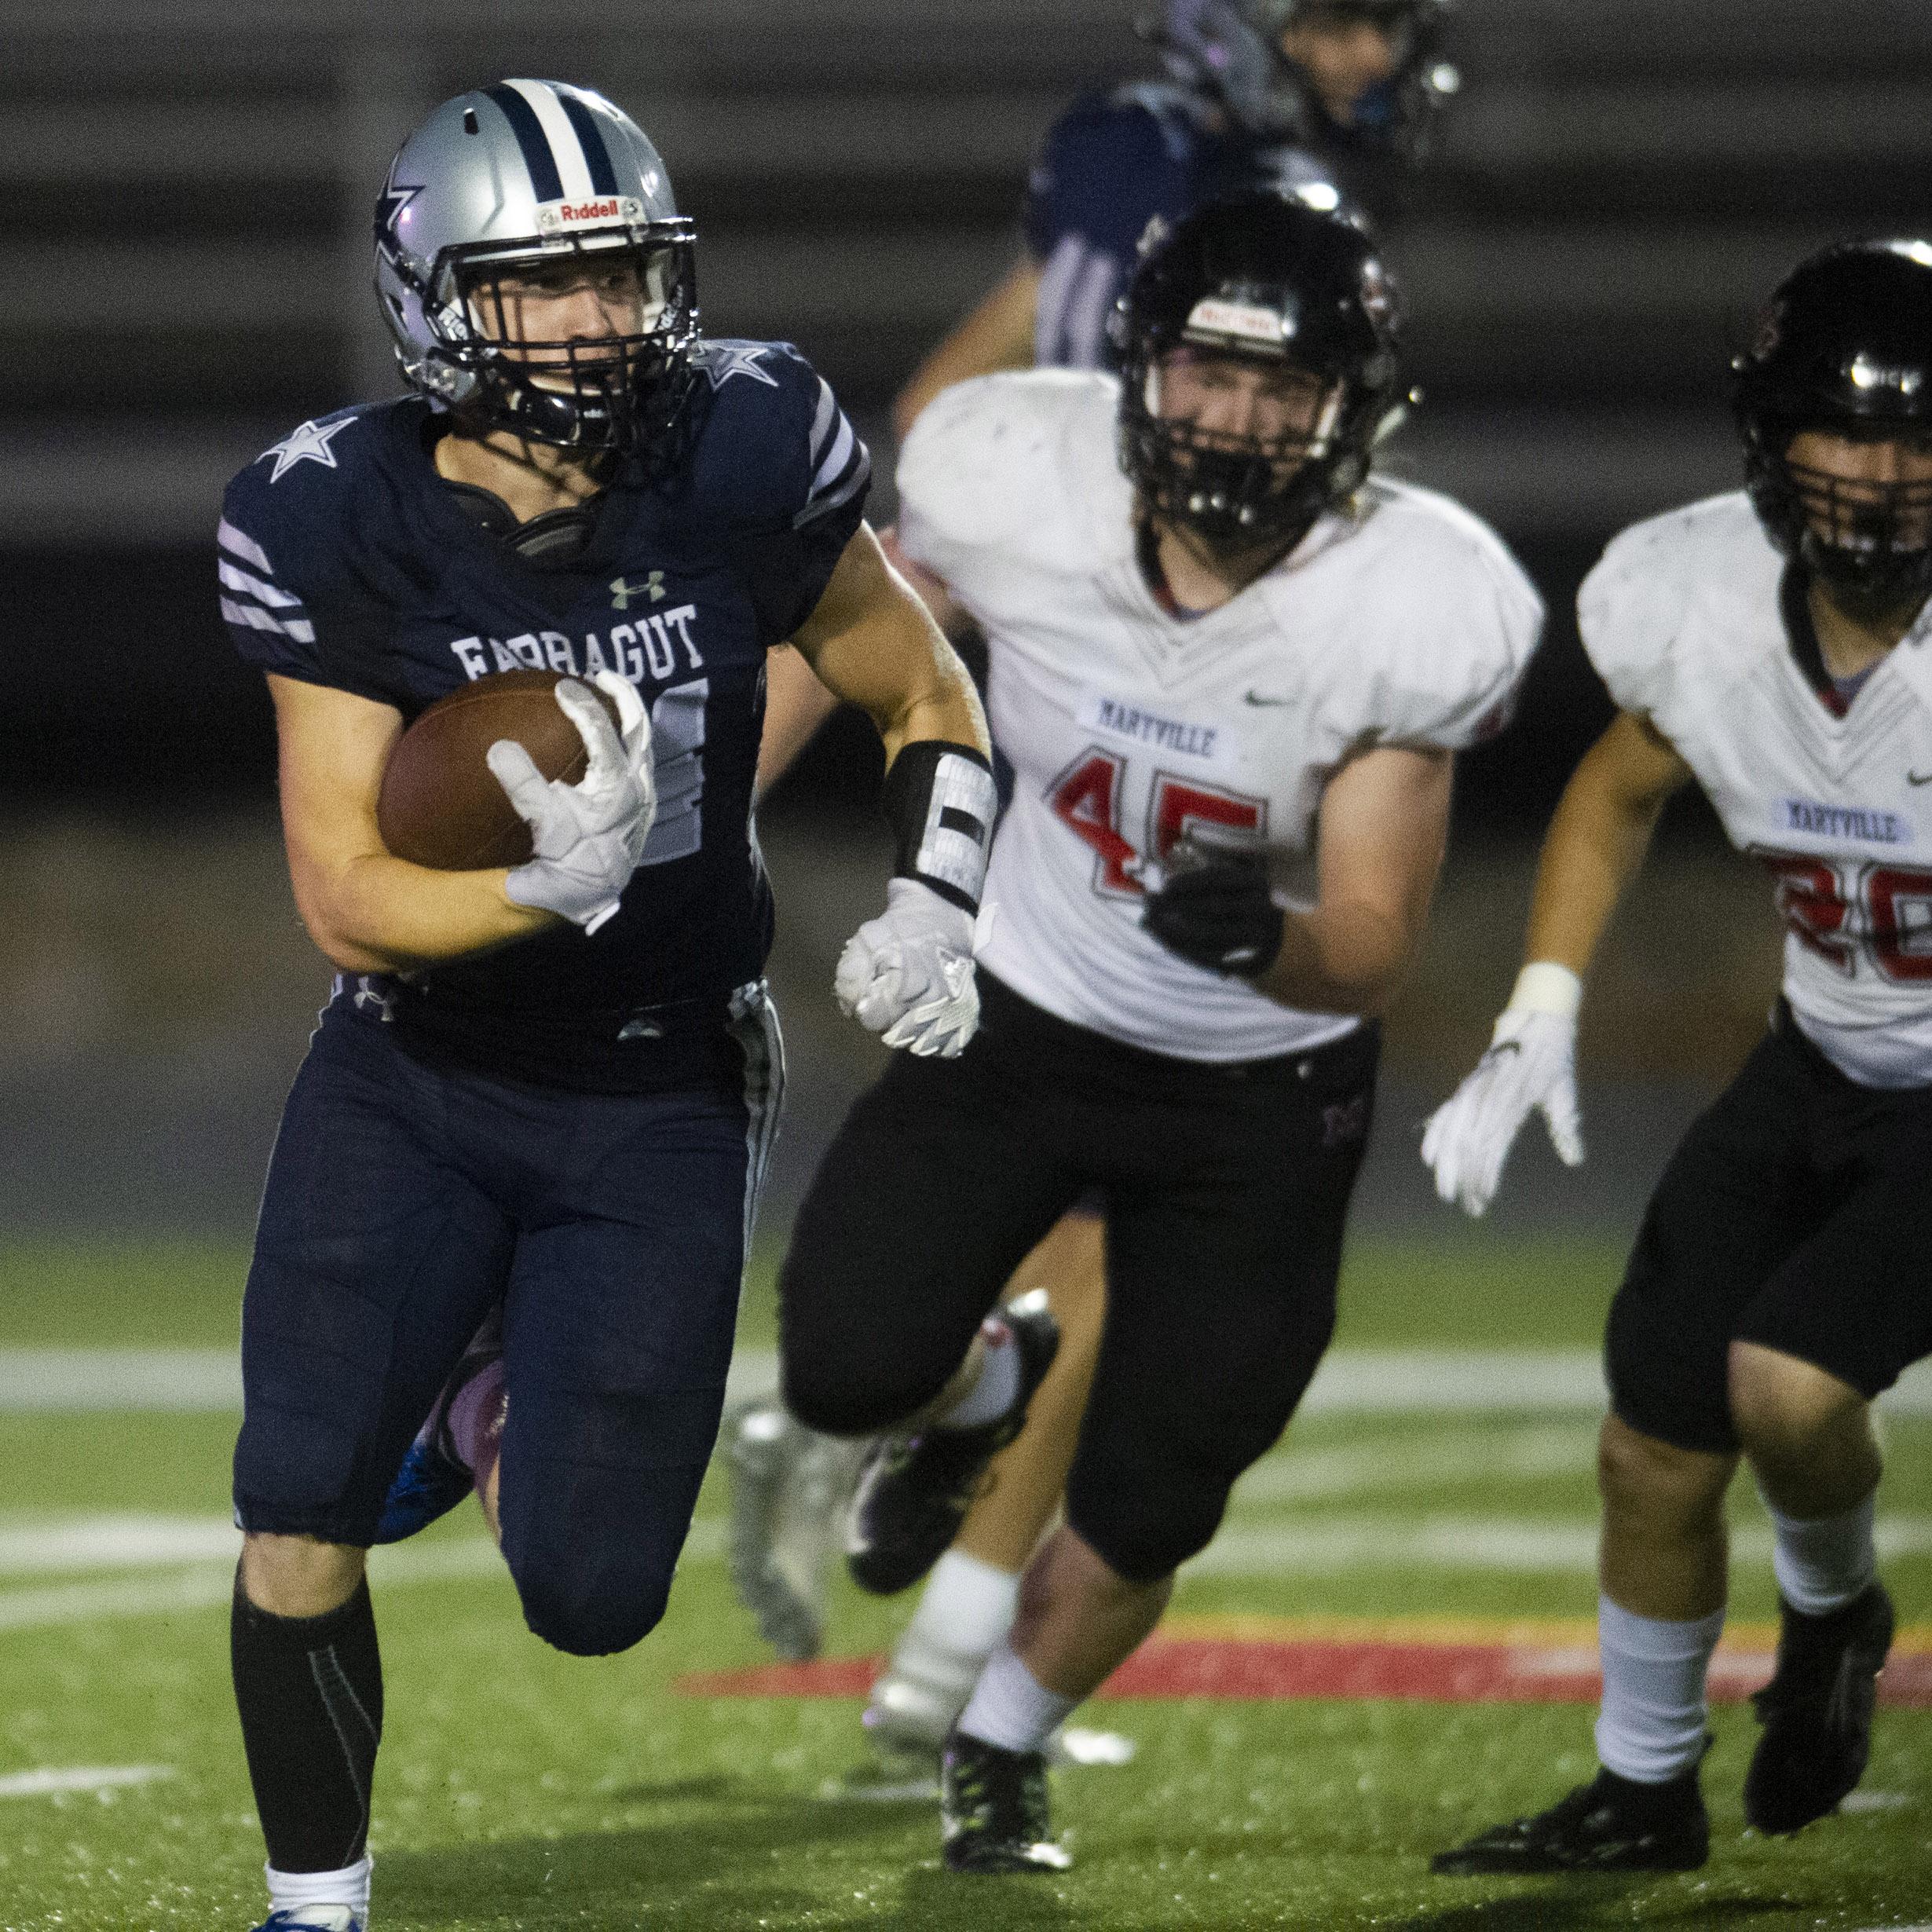 Tri-State high school sports